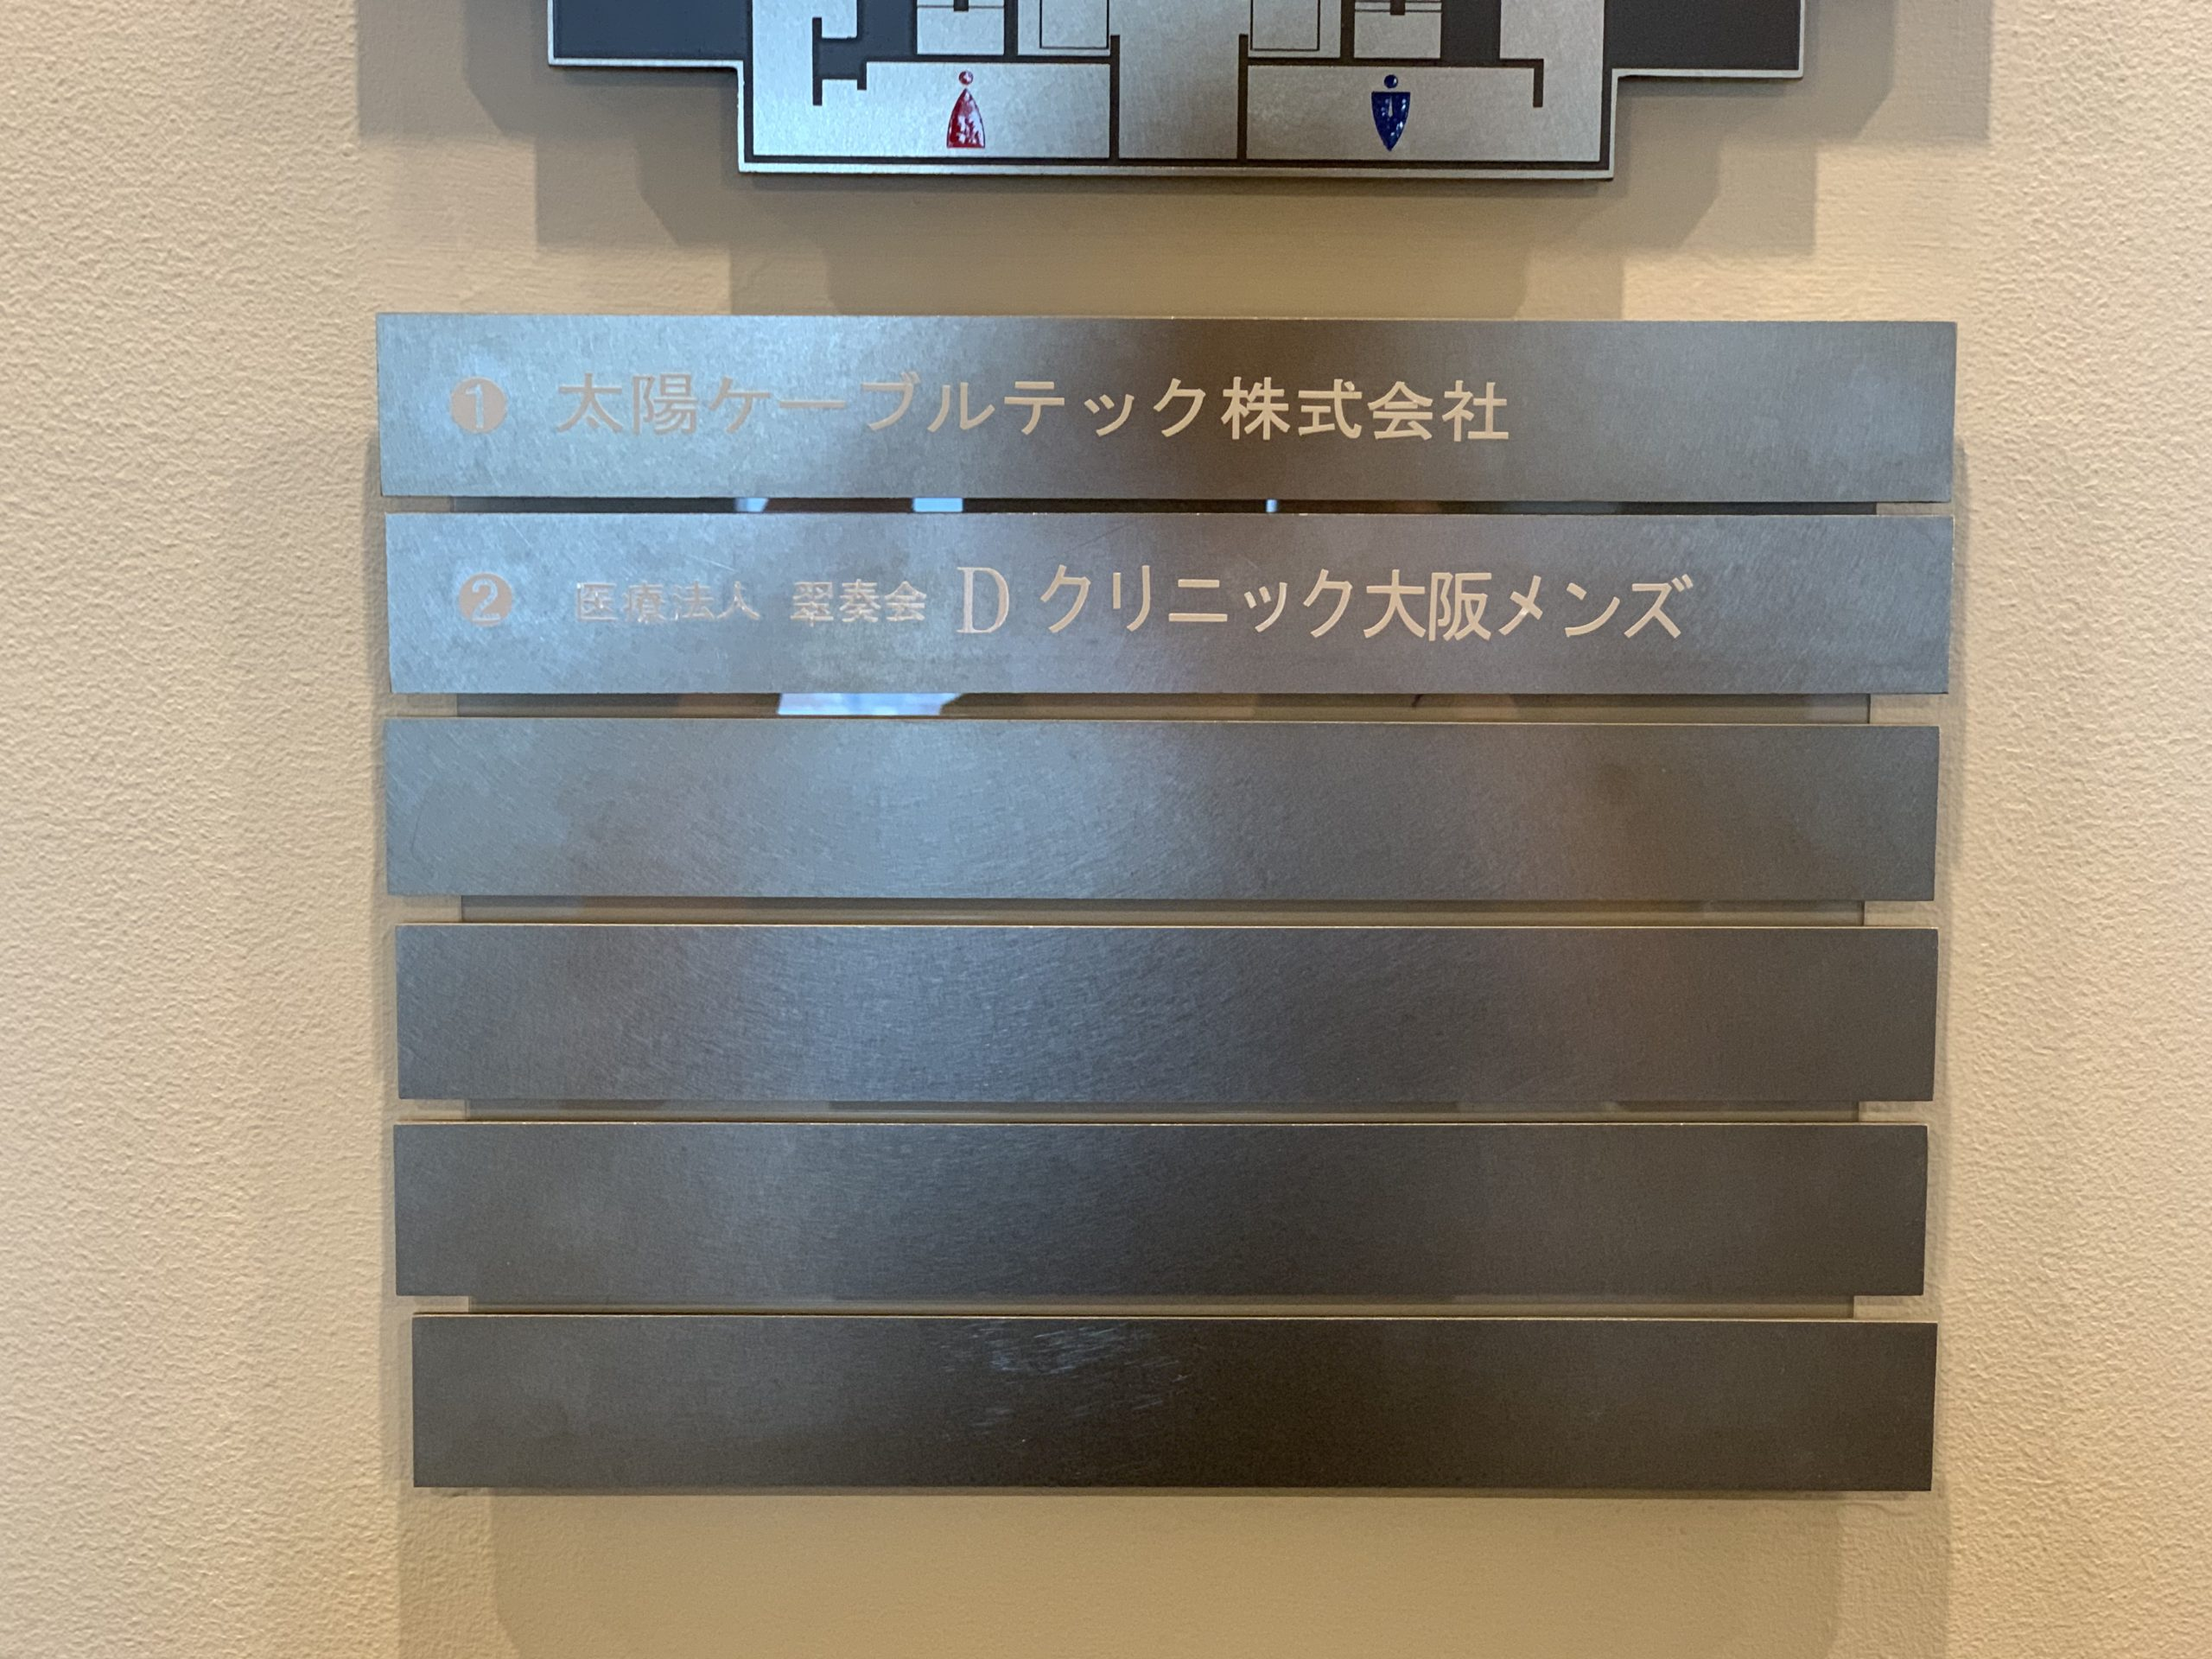 Dクリニック大阪アクセス10